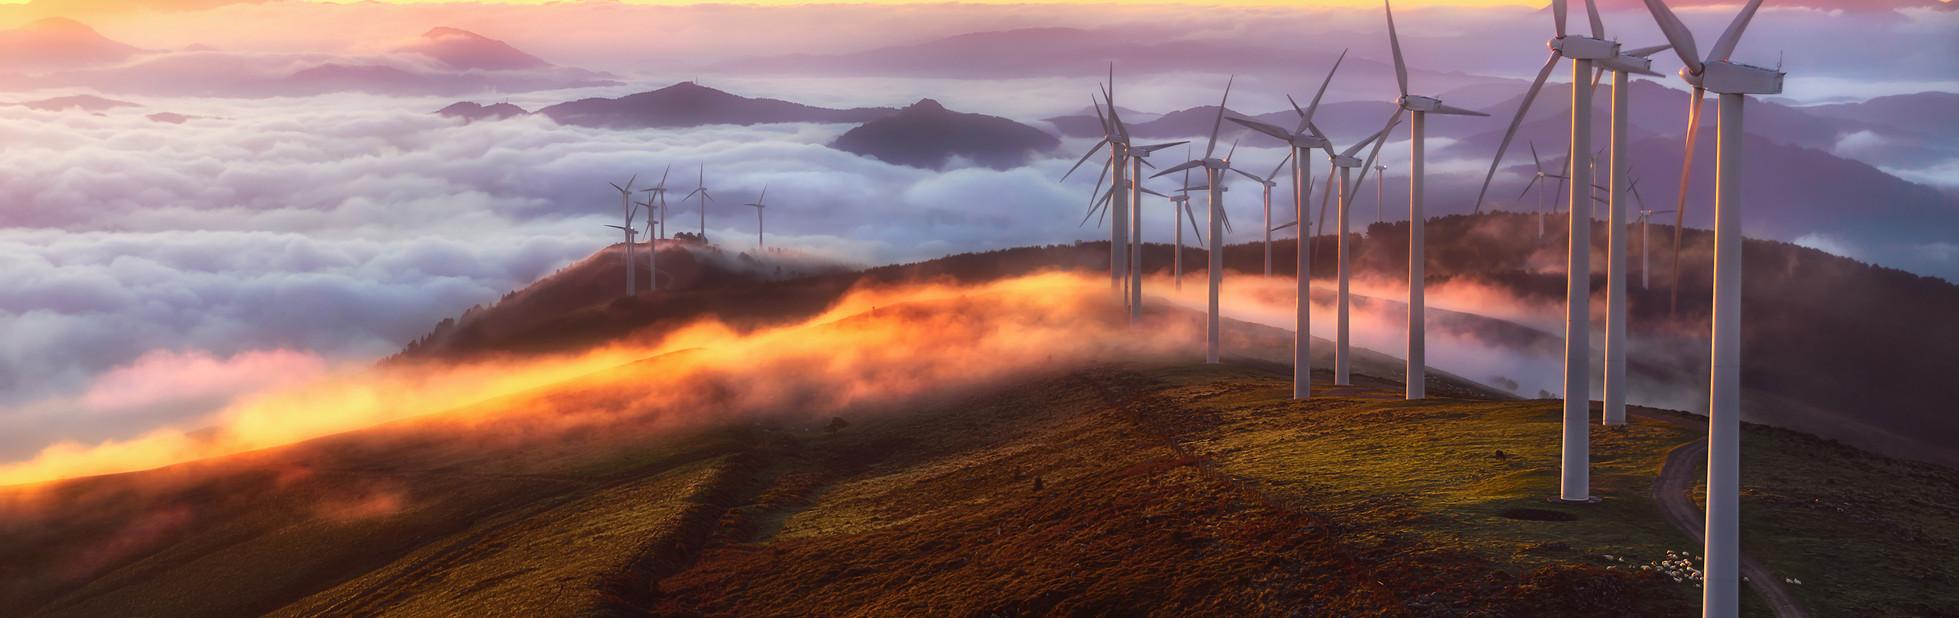 wind-turbines-618557356_3600x2404.jpg